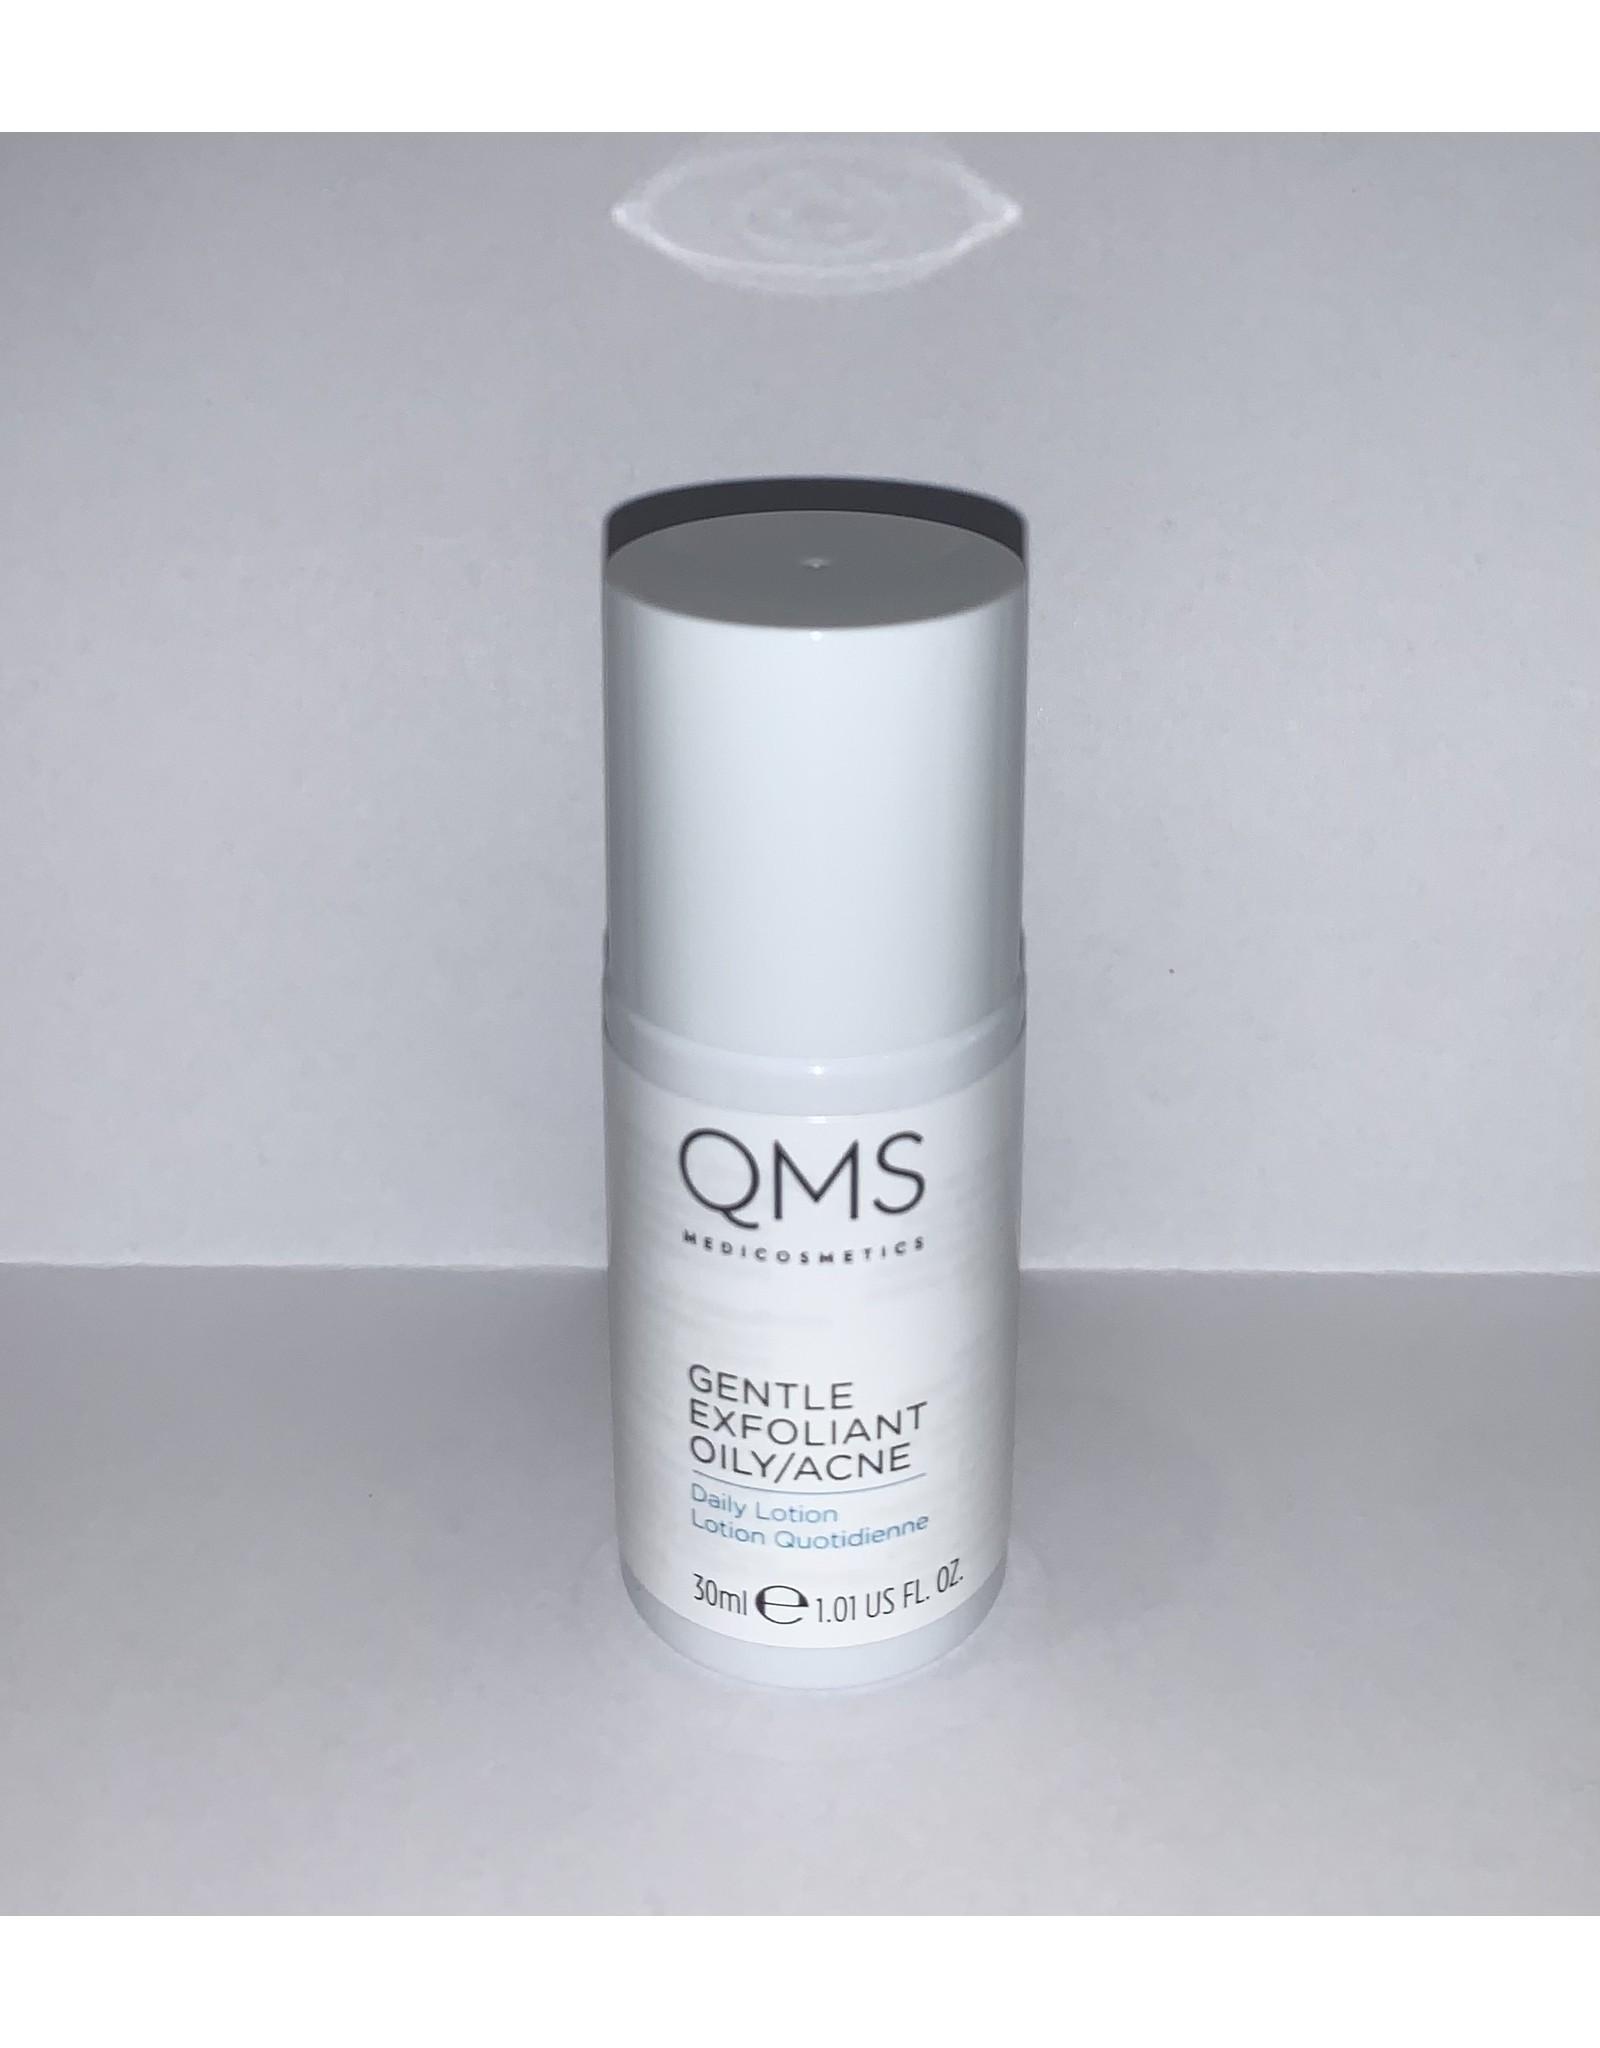 QMS Medicosmetics Travelsize Gentle Exfoliant Oily/Acne, 30ml